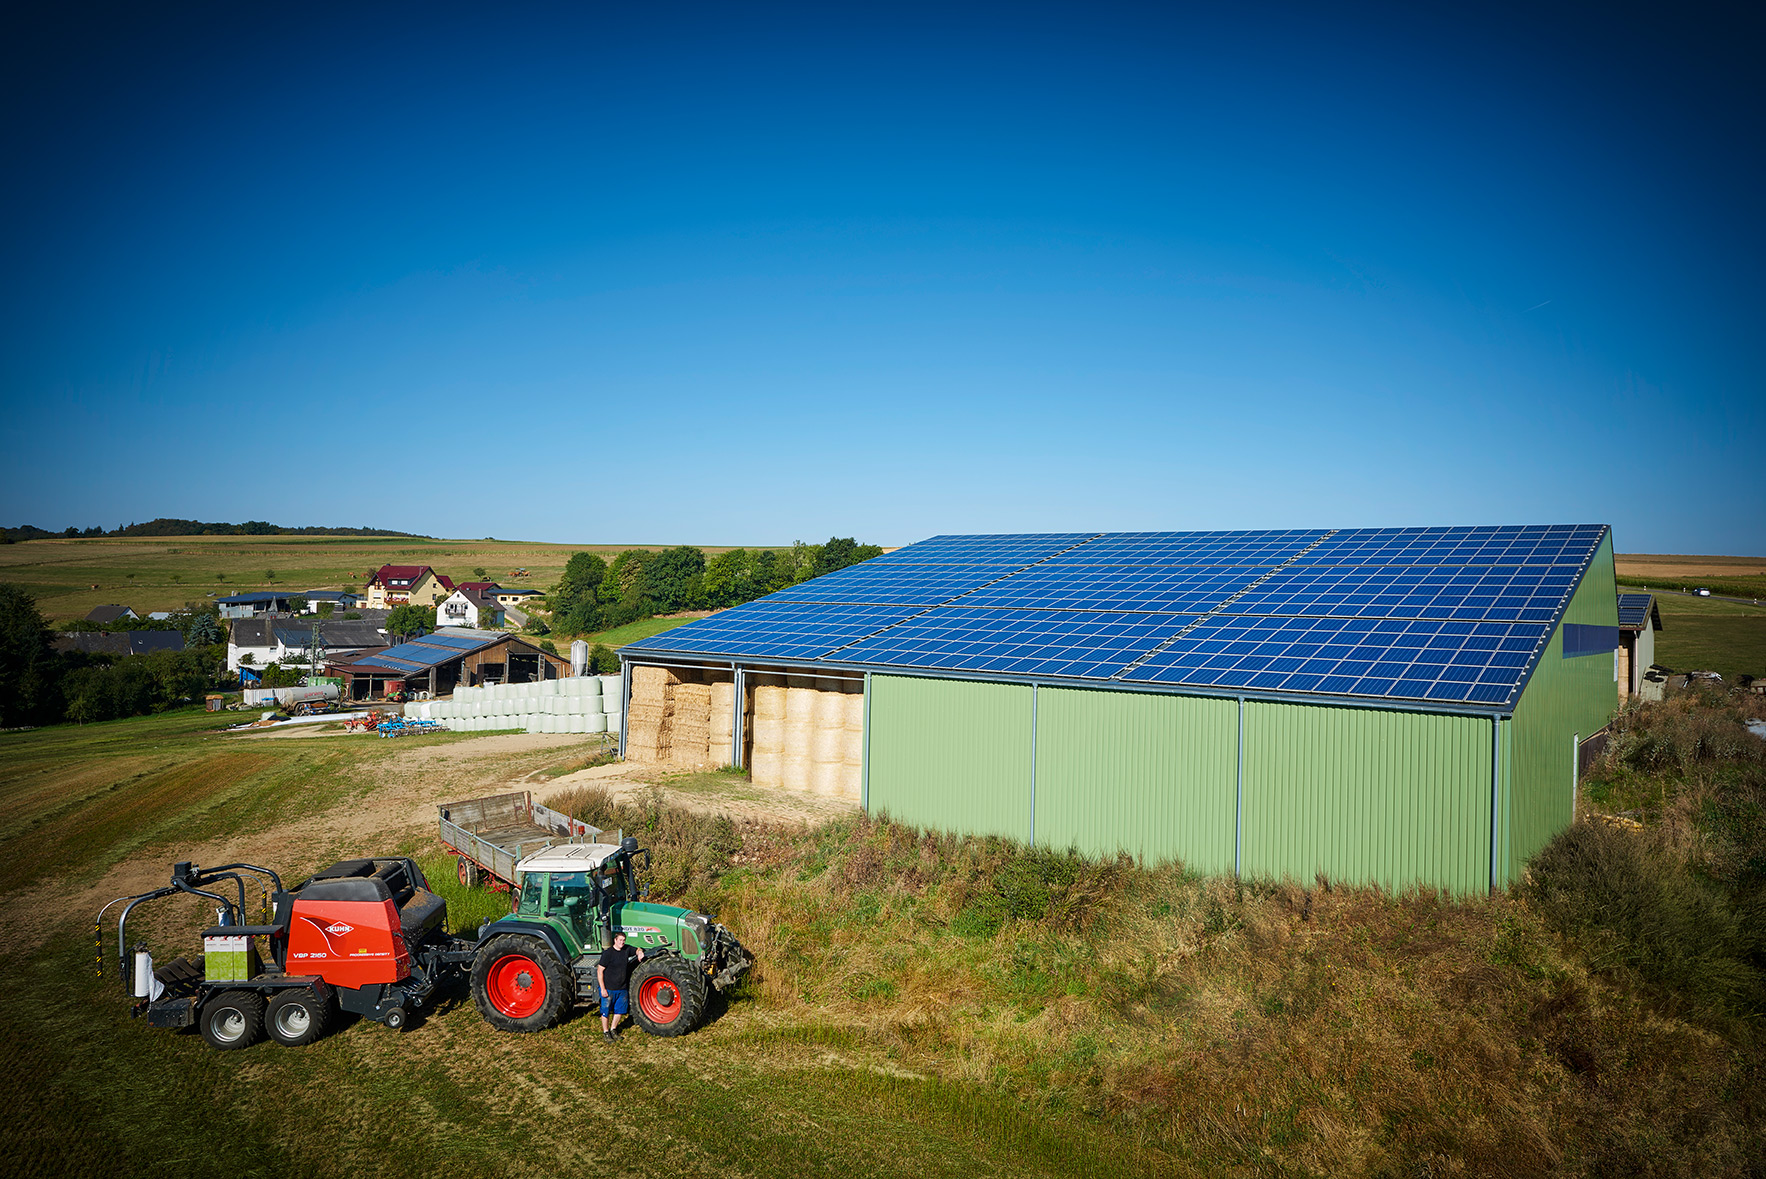 landwirt-ref-wi_solar_07_09_16_kaisersesch_blankenrath__dsc5533